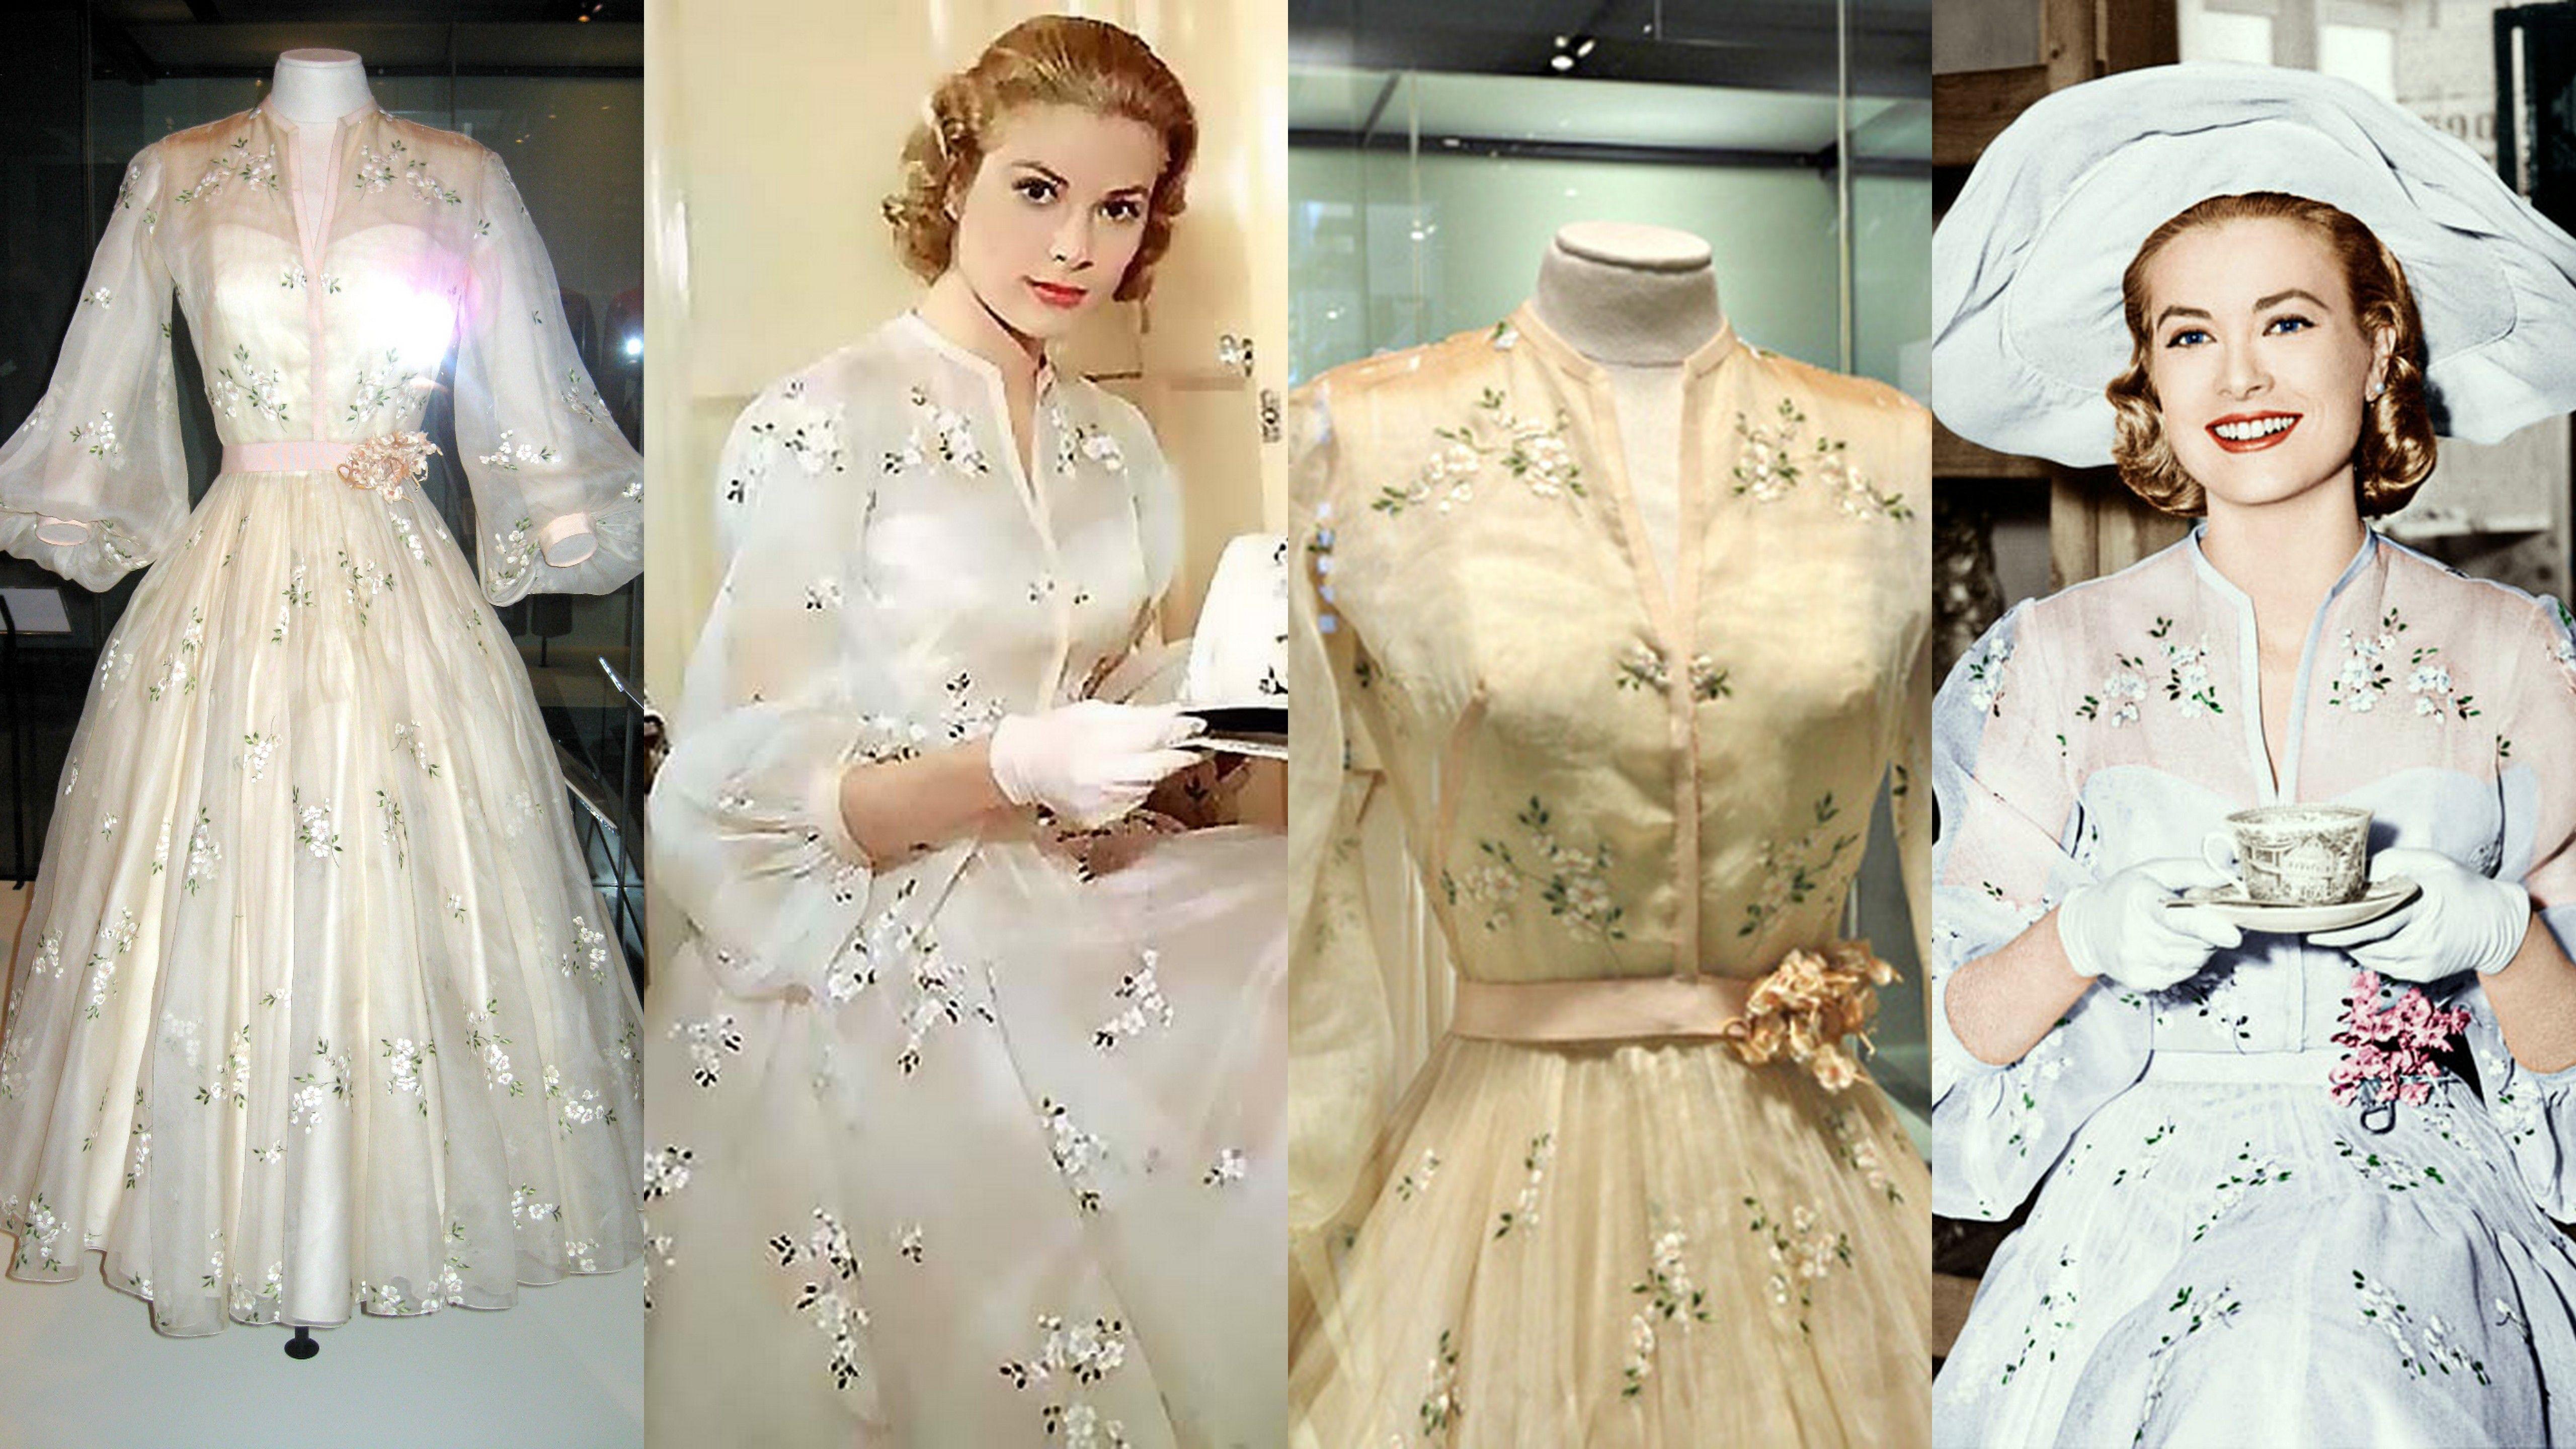 Costume On Grace Kelly in High Society Designer Helen